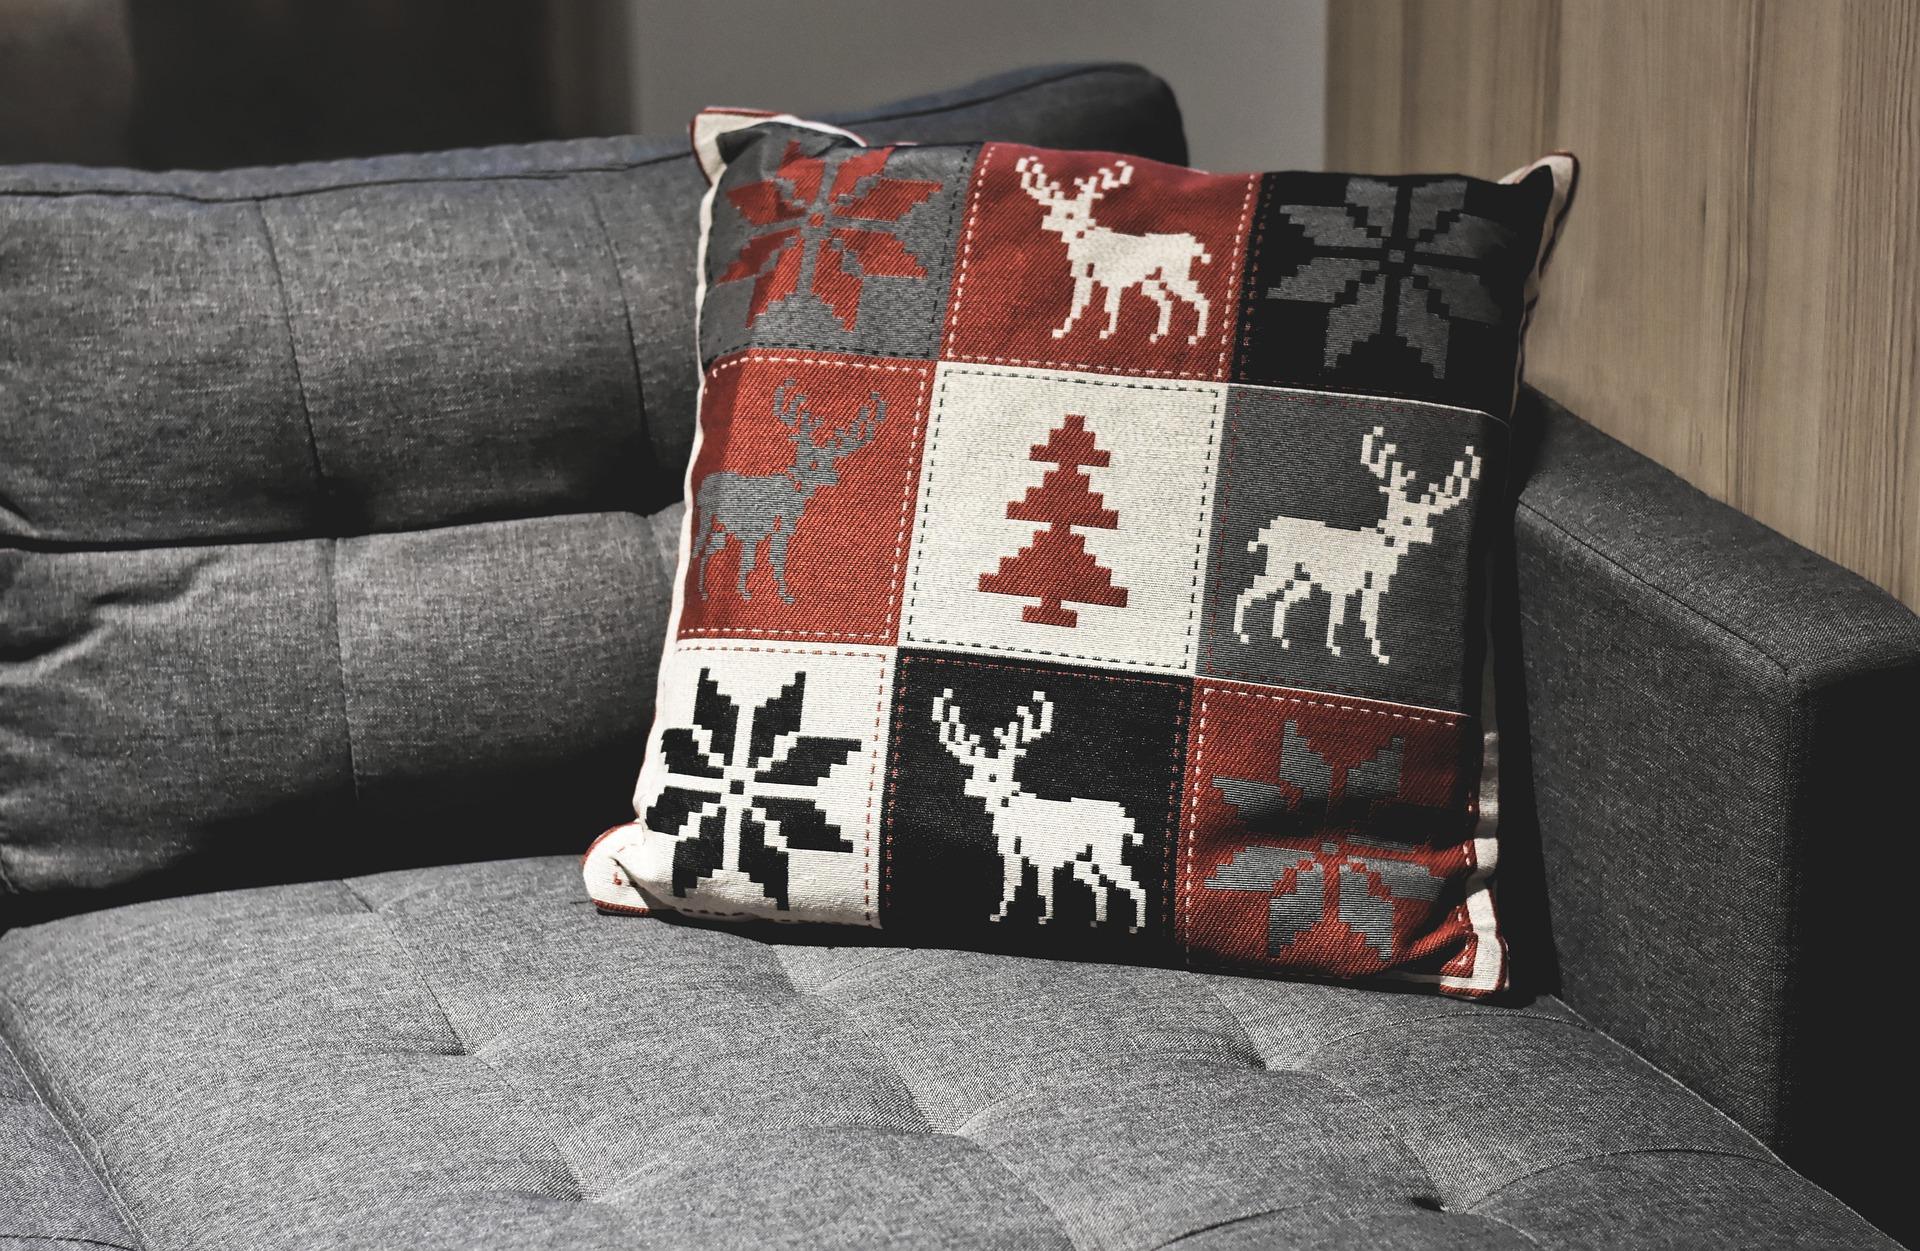 sofa-4633582_1920